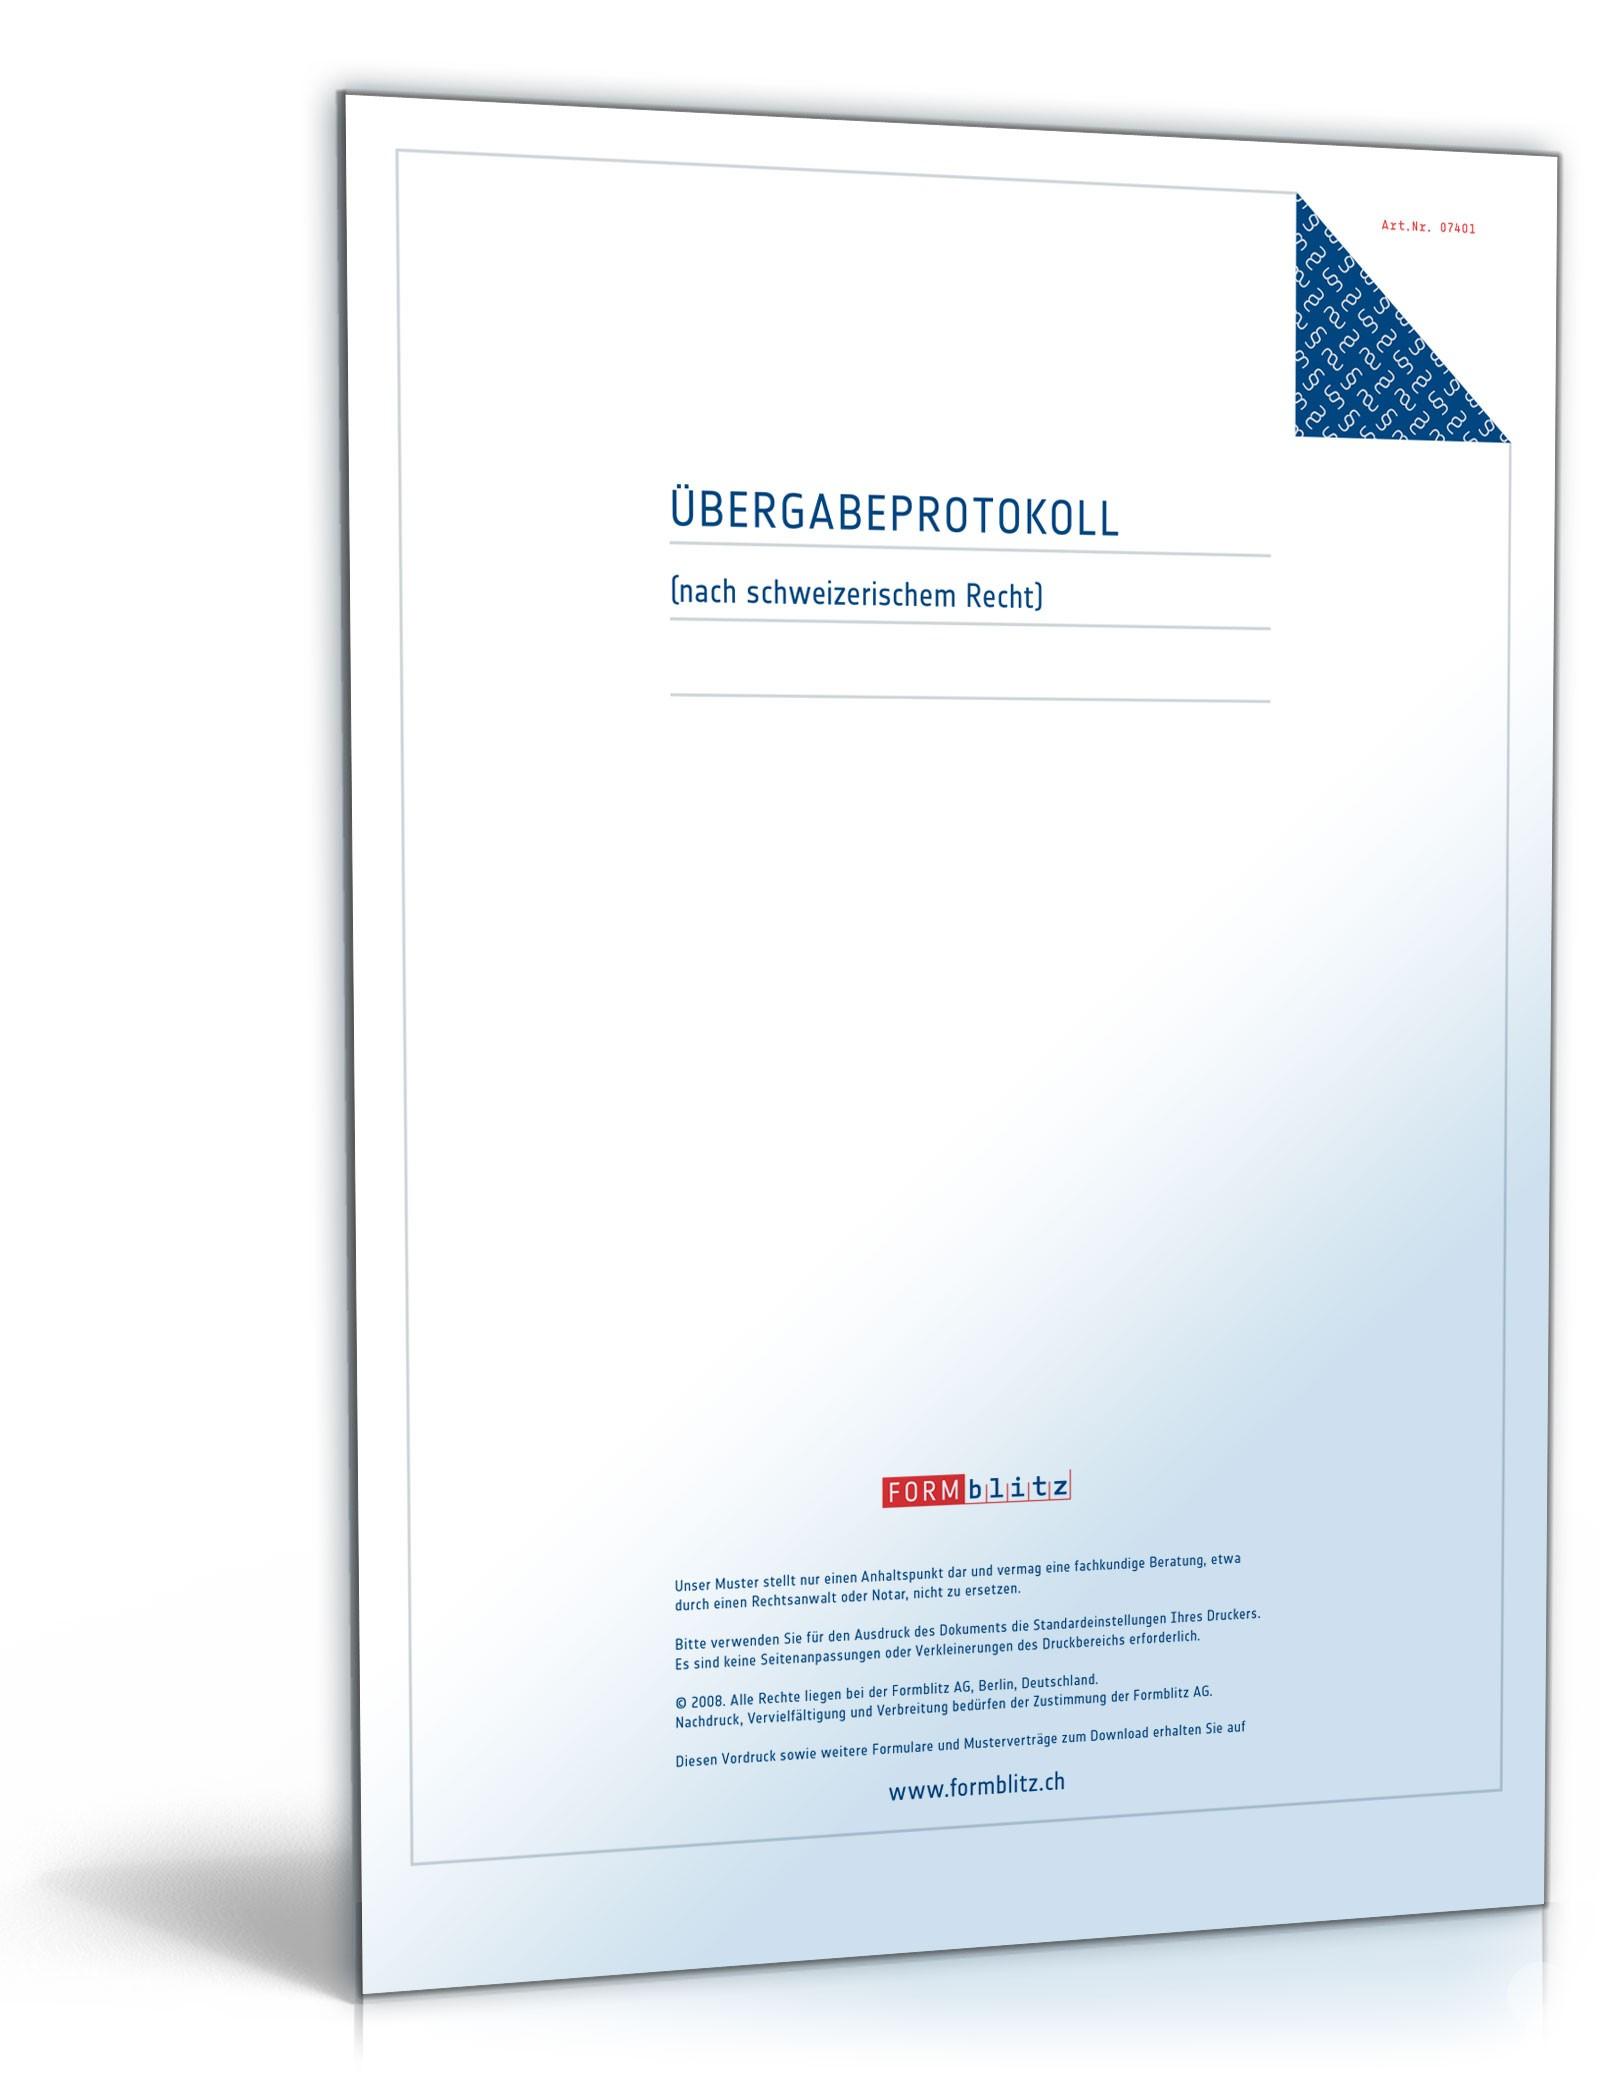 bergabeprotokoll als anlage eines mietvertrages - Ubergabeprotokoll Hauskauf Muster